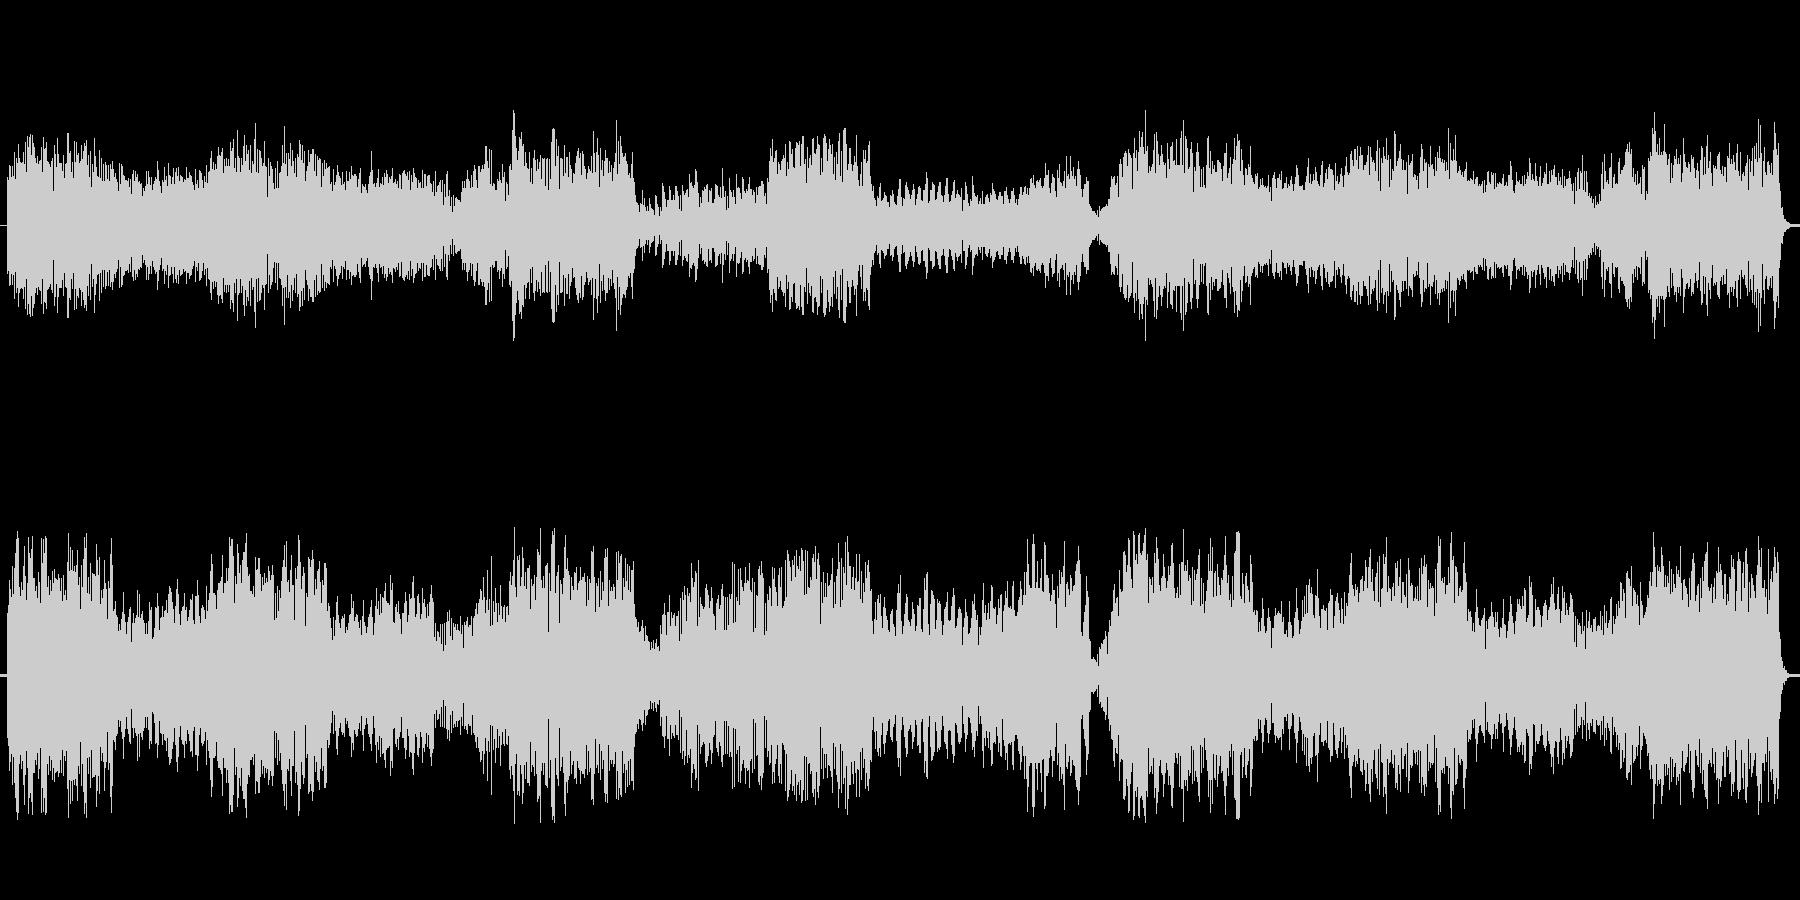 ファンタジーRPGの王宮をイメージした…の未再生の波形